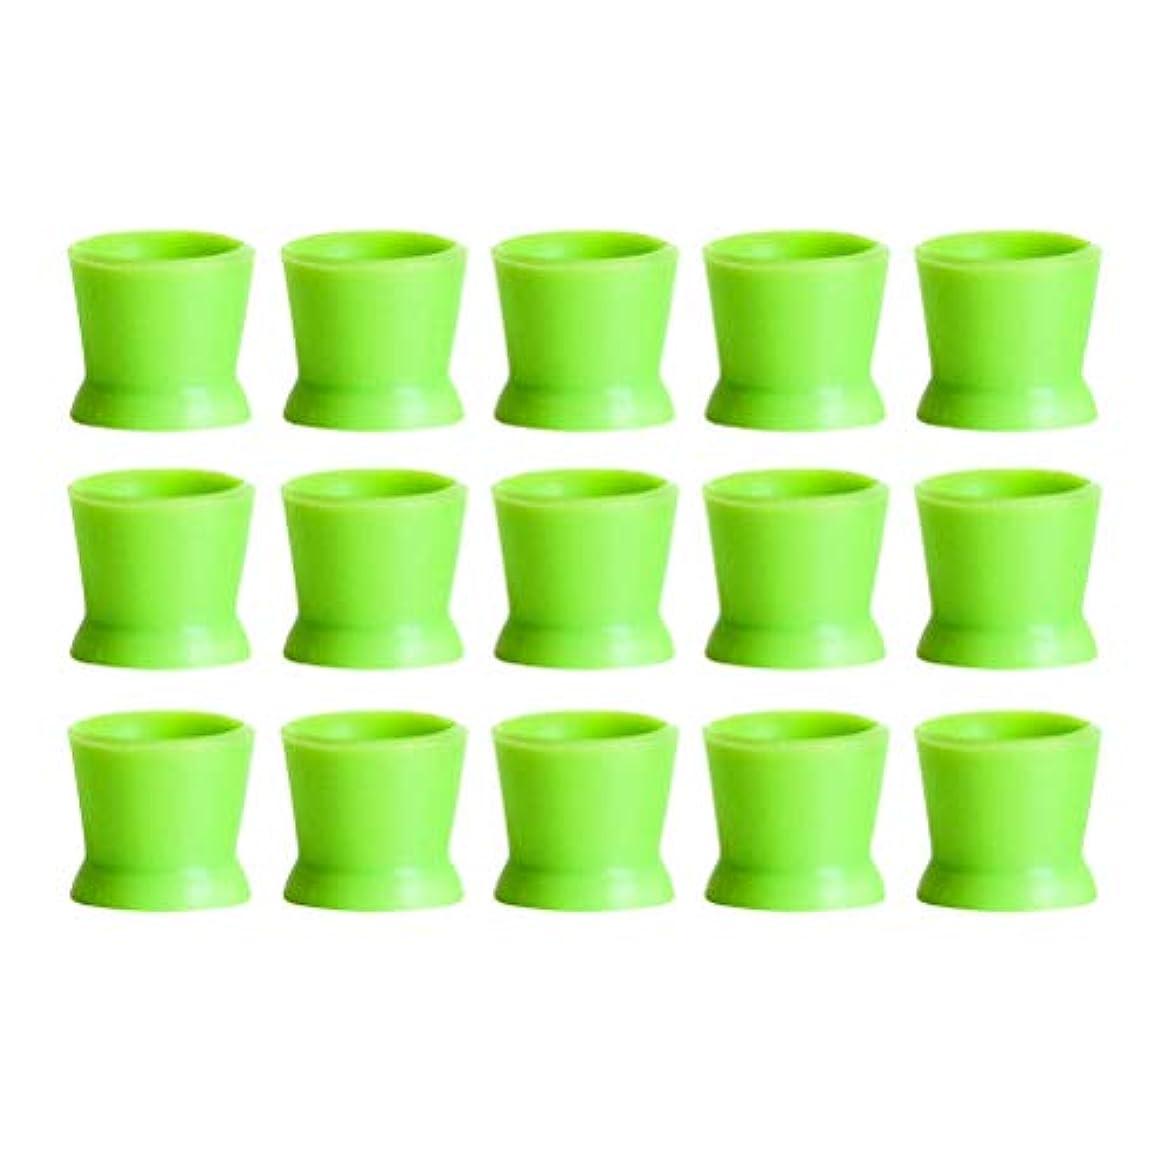 小人オールどこでもHealifty 300PCSシリコンタトゥーインクカップ使い捨てマイクロブレーディングピグメントキャップホルダーコンテナ永久的なまつげメイクアップアイブロー(グリーン)